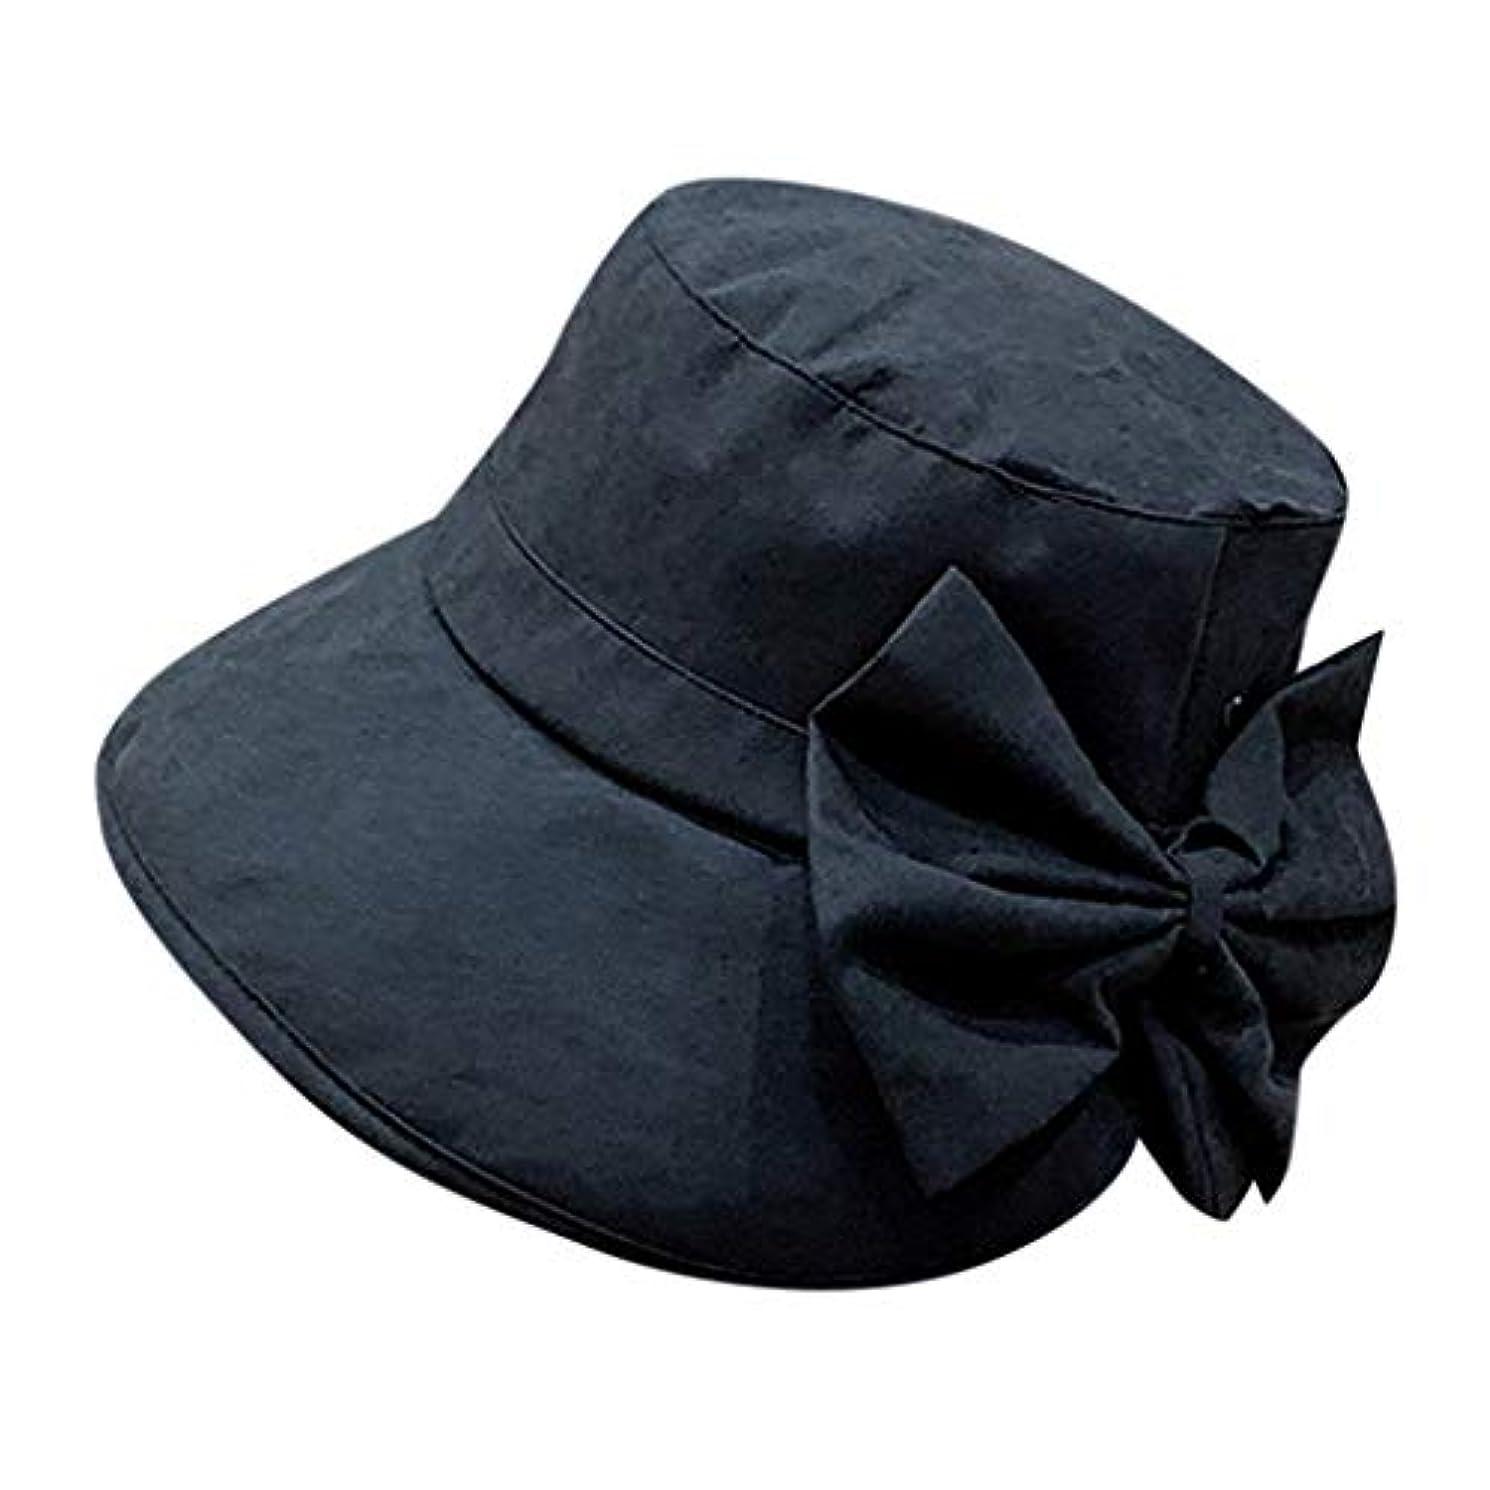 粘性のれるコンテンツ女性 帽子 レディース UVカット ハット女の子 つば広い 漁師帽 女優帽 小顔効果 紫外線 対策 レディース 蝶結び UV 加工 リボン ハット ビーチ 日よけ テント ビーチサンダル ベレー帽 ROSE ROMAN